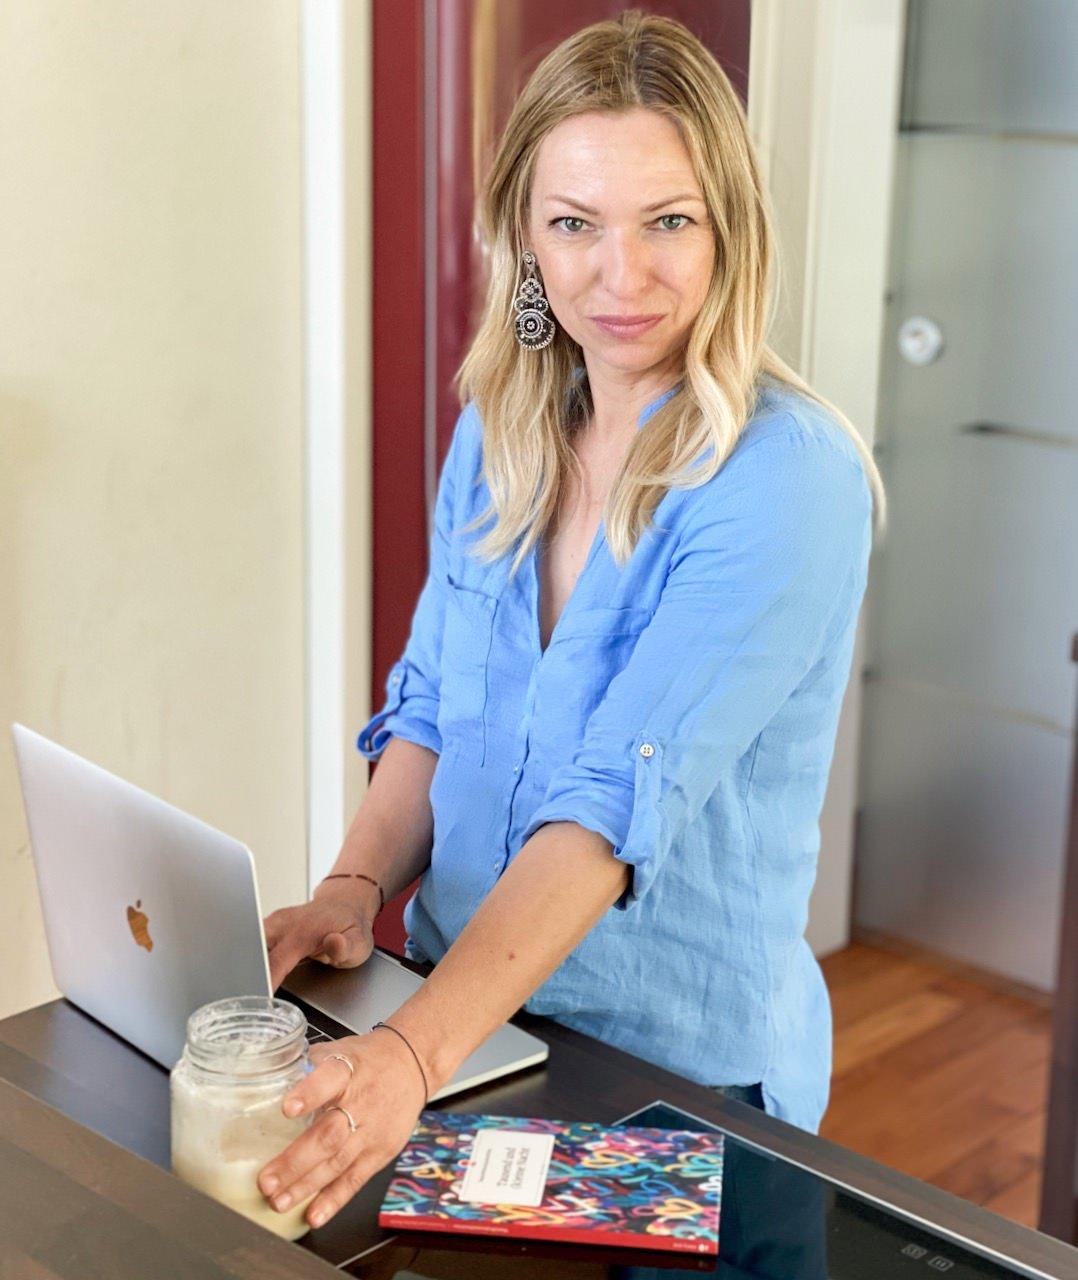 Die moderne Hausfrau - ich war gerne daheim, könnte es mir jetzt aber ohne Arbeit nicht vorstellen.